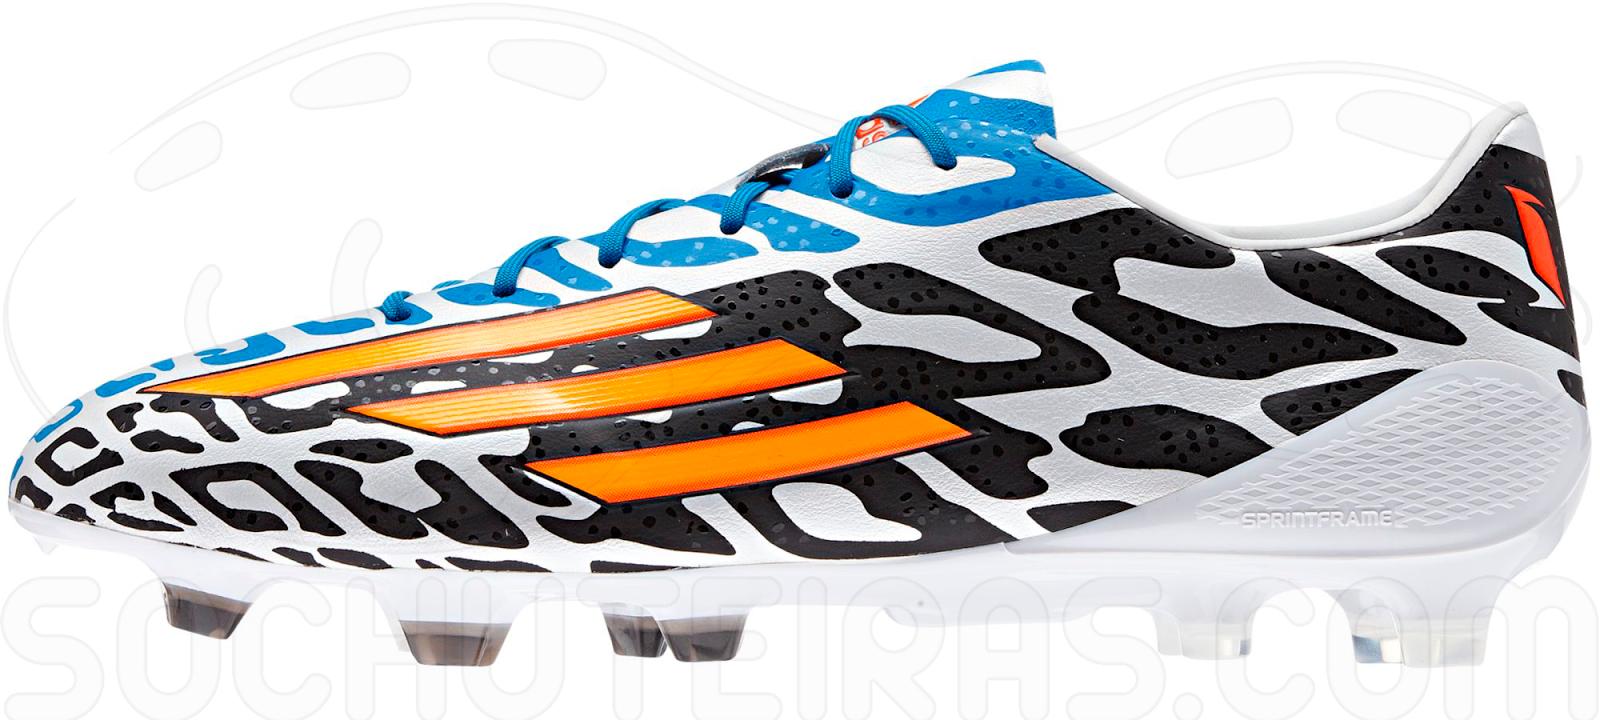 chuteira de futsal adidas f10 in copa do mundo - Couleurs Bijoux 04f52bd4a6f80